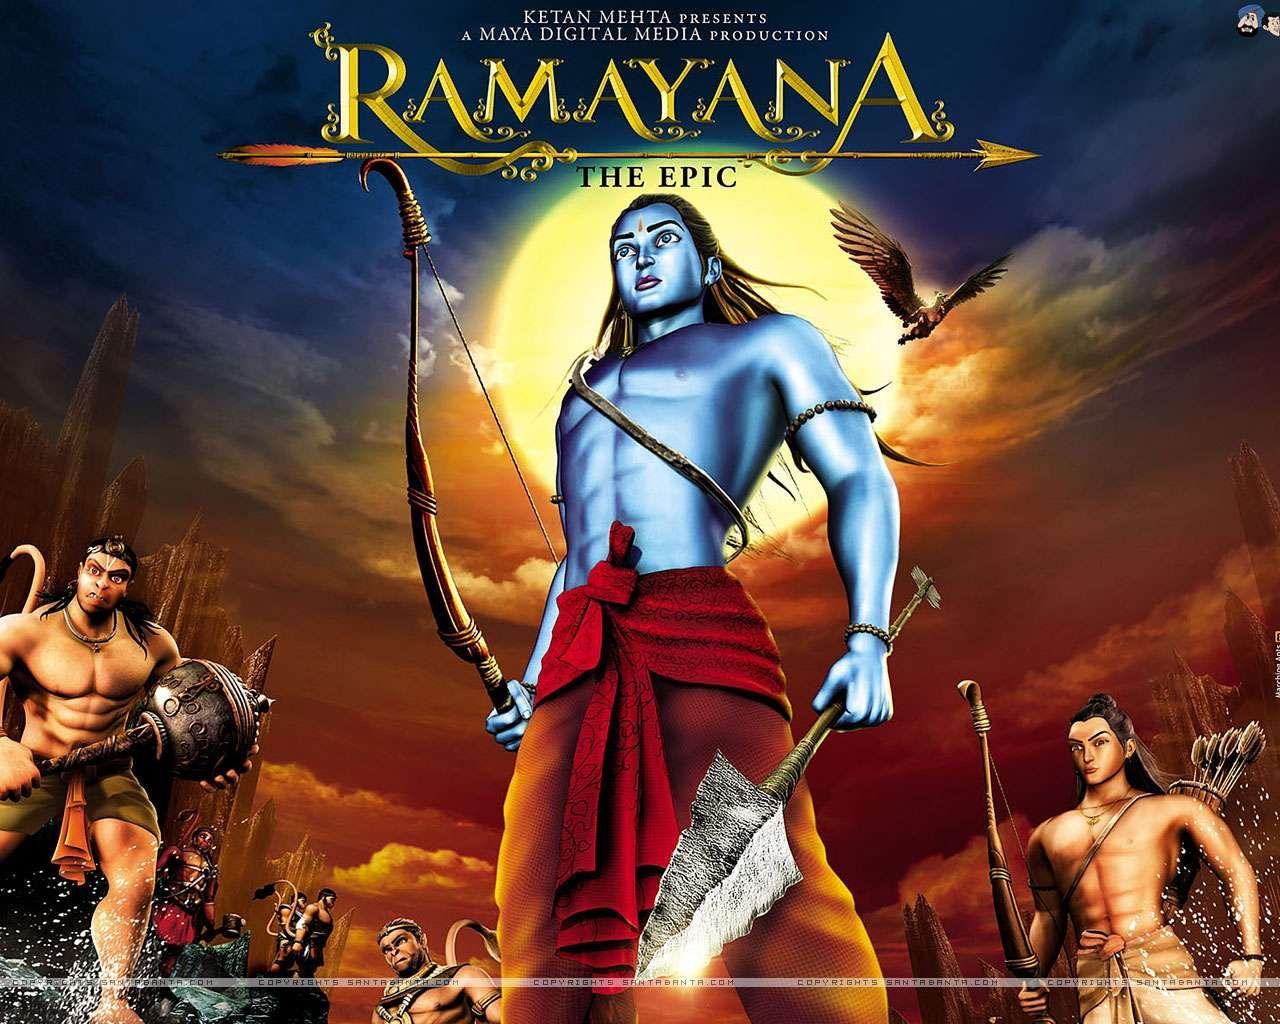 Ramayana Hindi film, Mythology, Animation